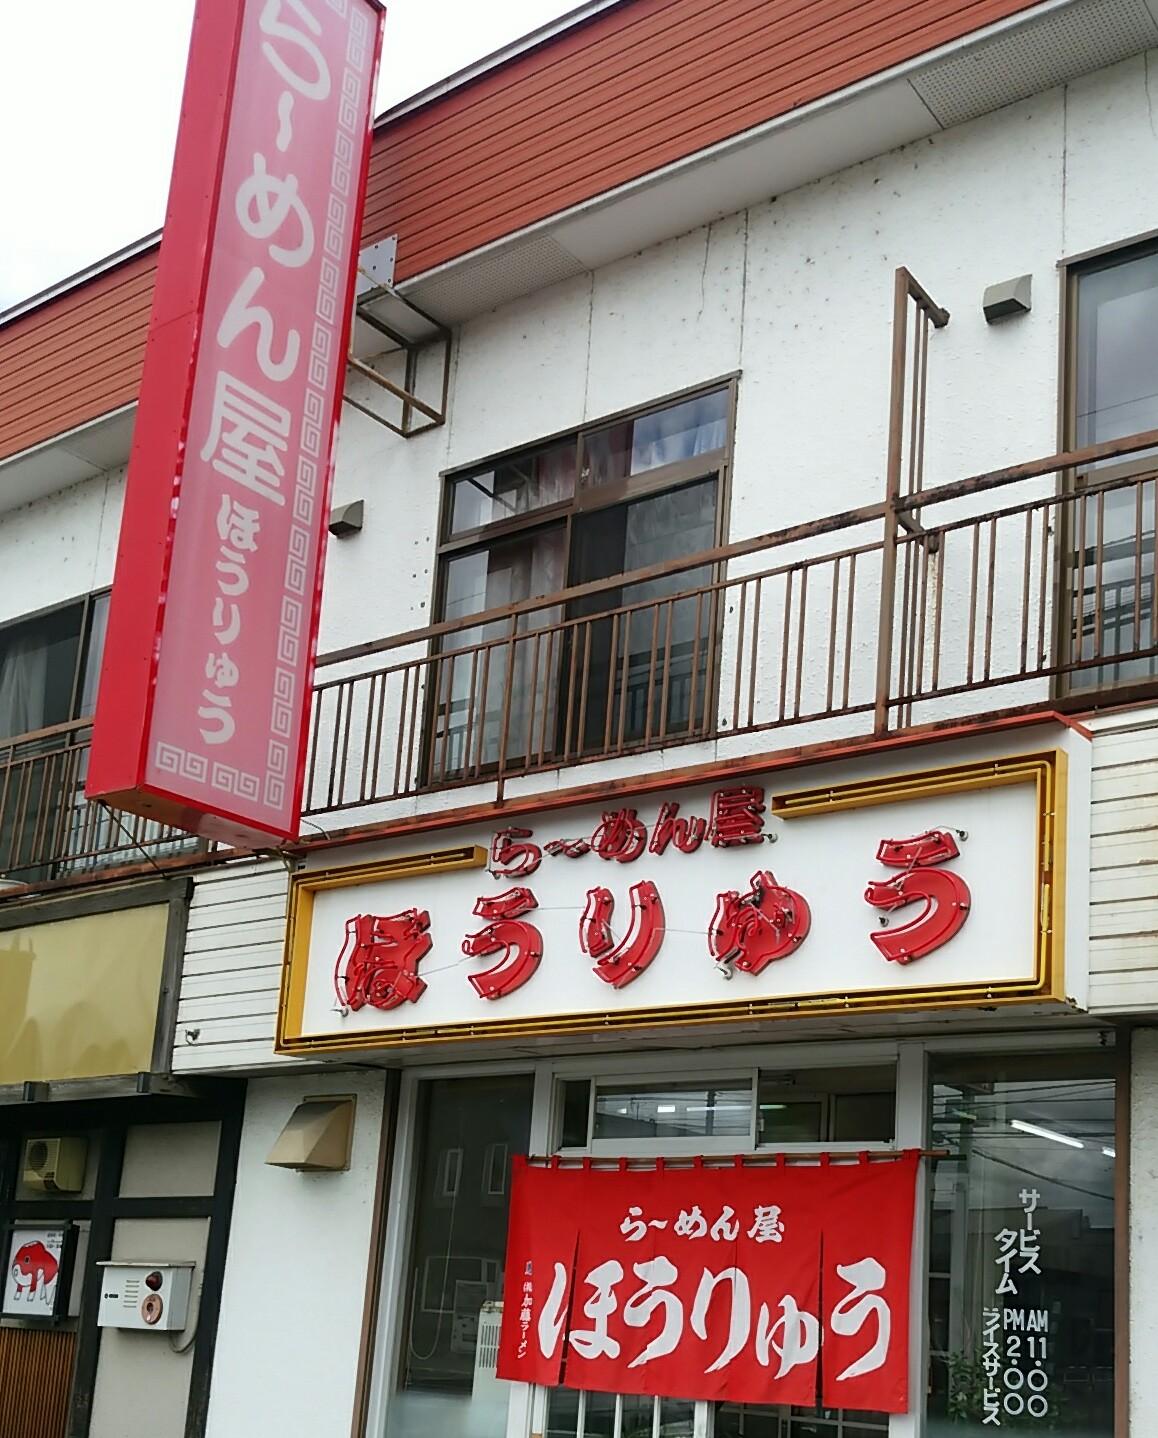 札幌への途中下車